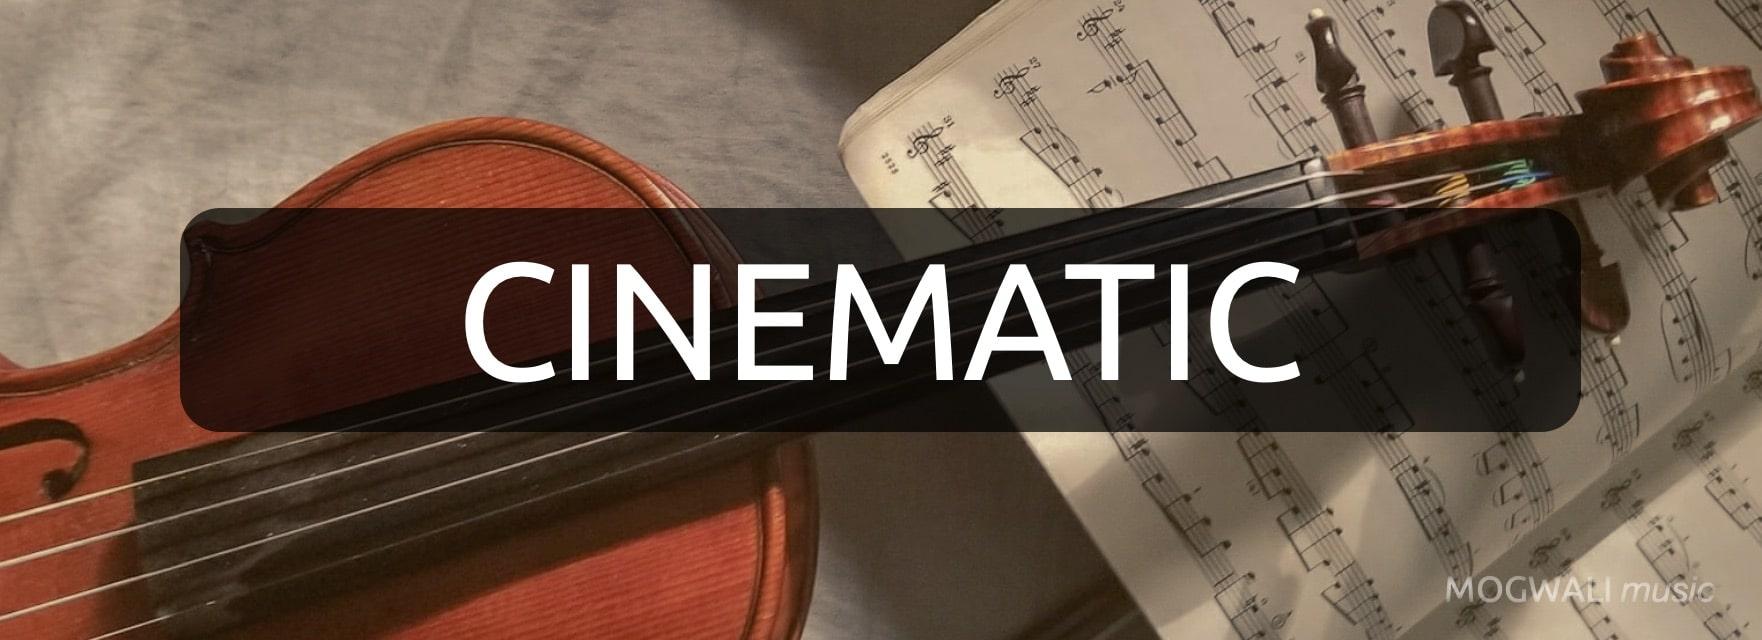 Cinematic-min